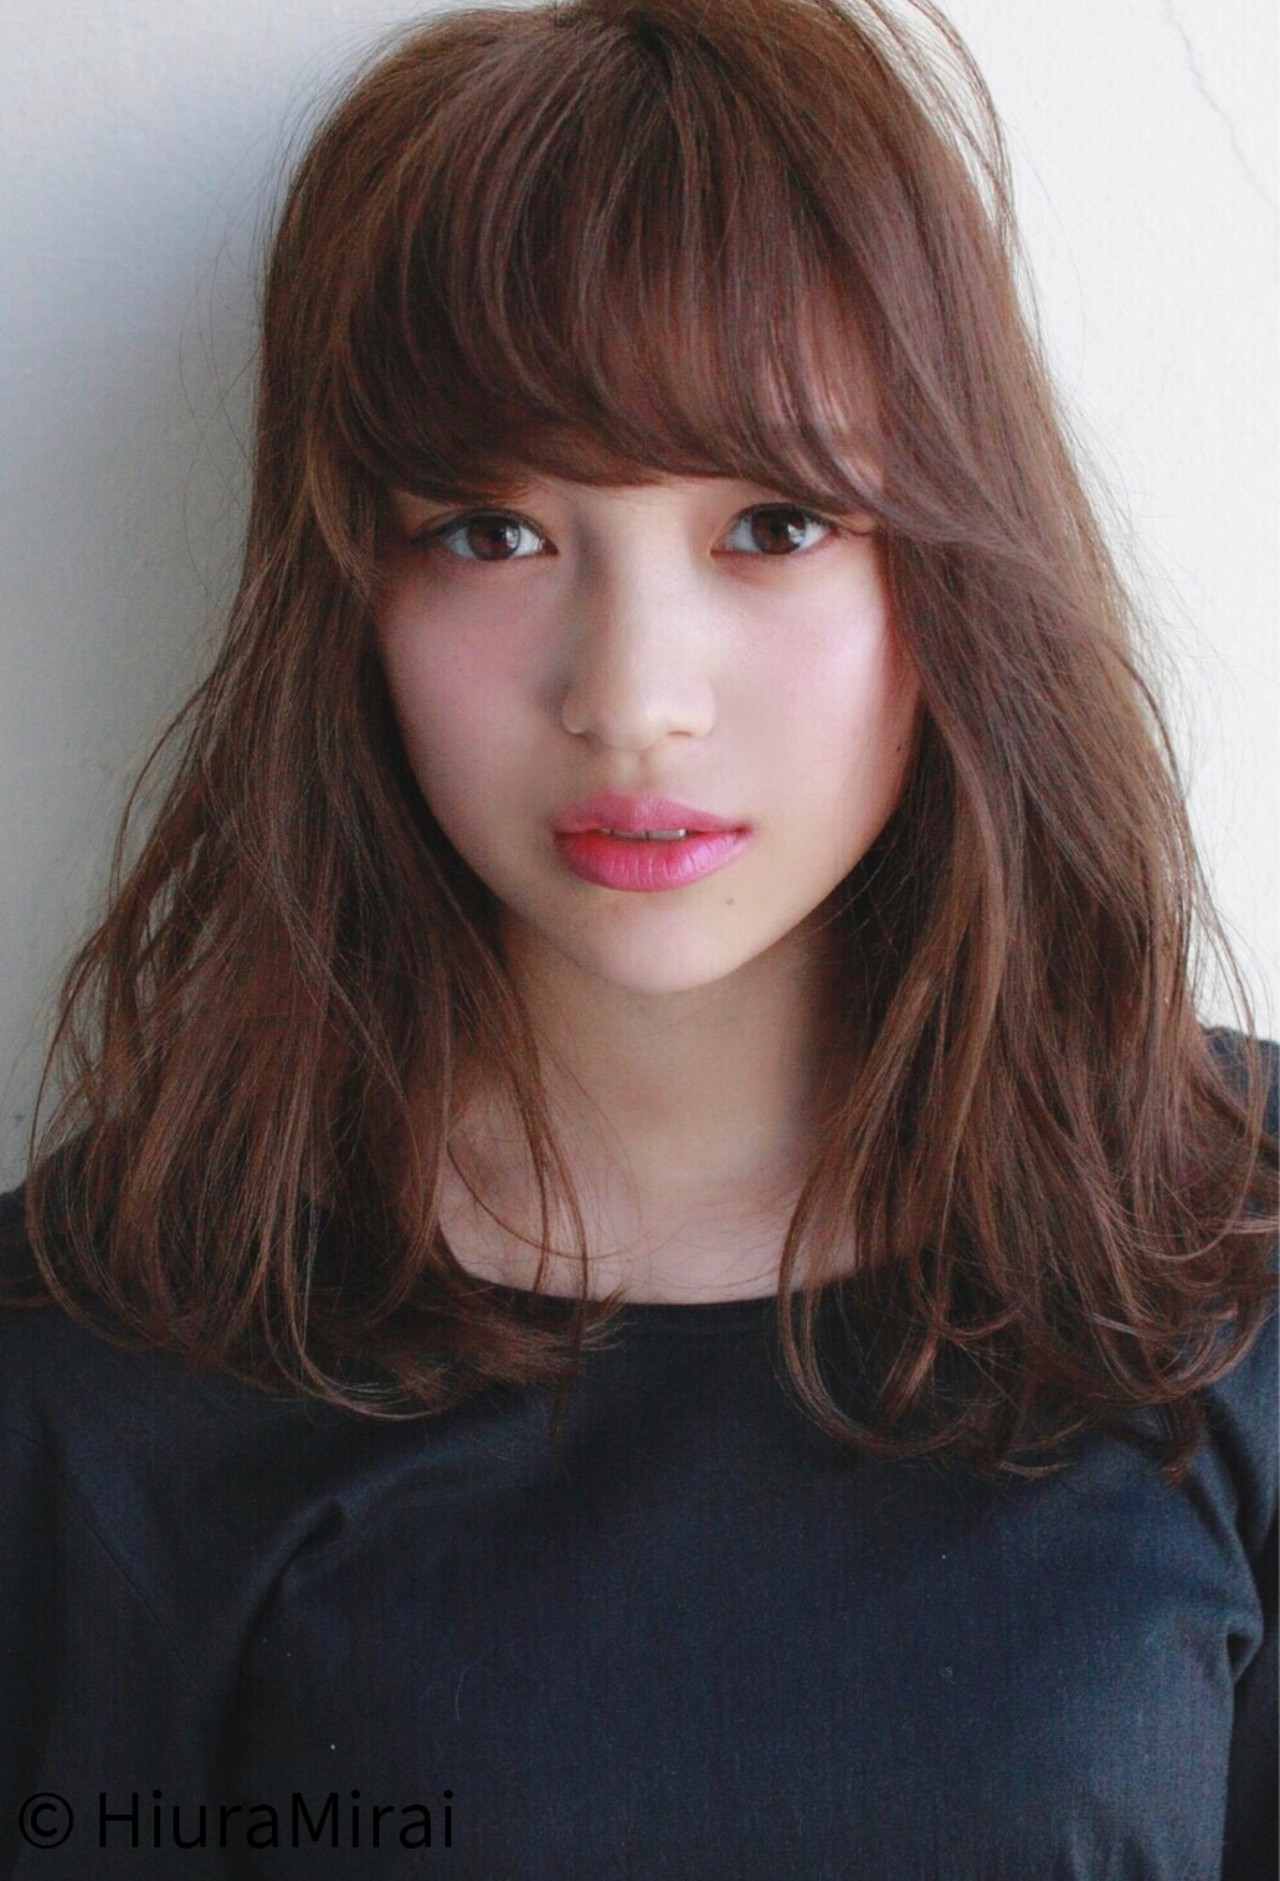 流し前髪でふんわりオシャレに可愛くなる♪作り方とキープの方法 HiuraMirai